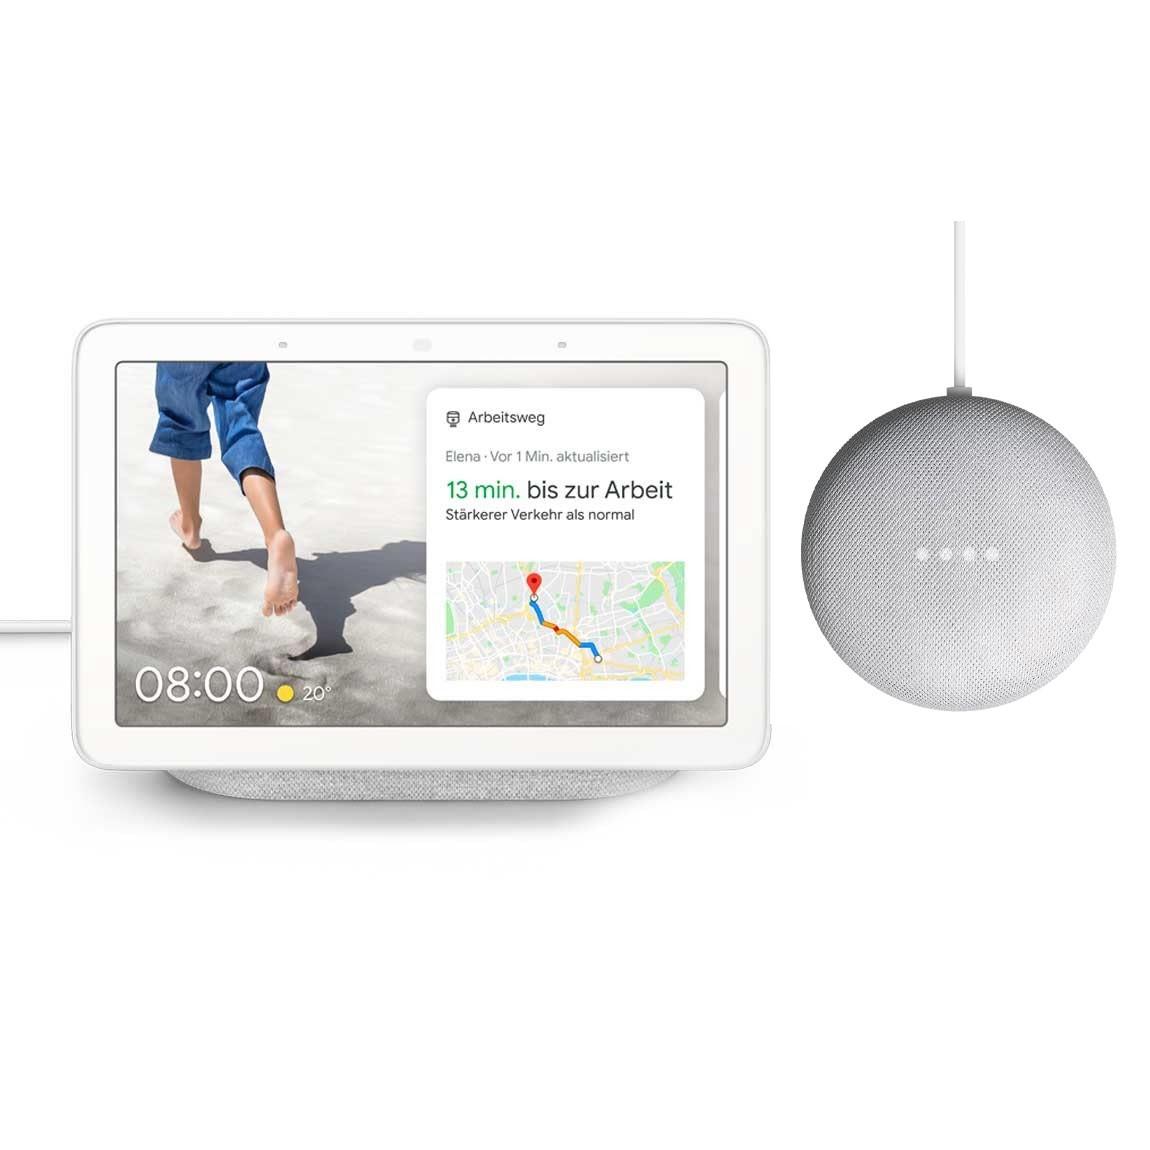 Google Nest Deals bei tink: z.B. Google Nest Hub + Nest Mini - 75,65€ | 2x Nest Mini - 50,15€ | Nest Mini + Hue White E27 Bluetooth - 38,25€